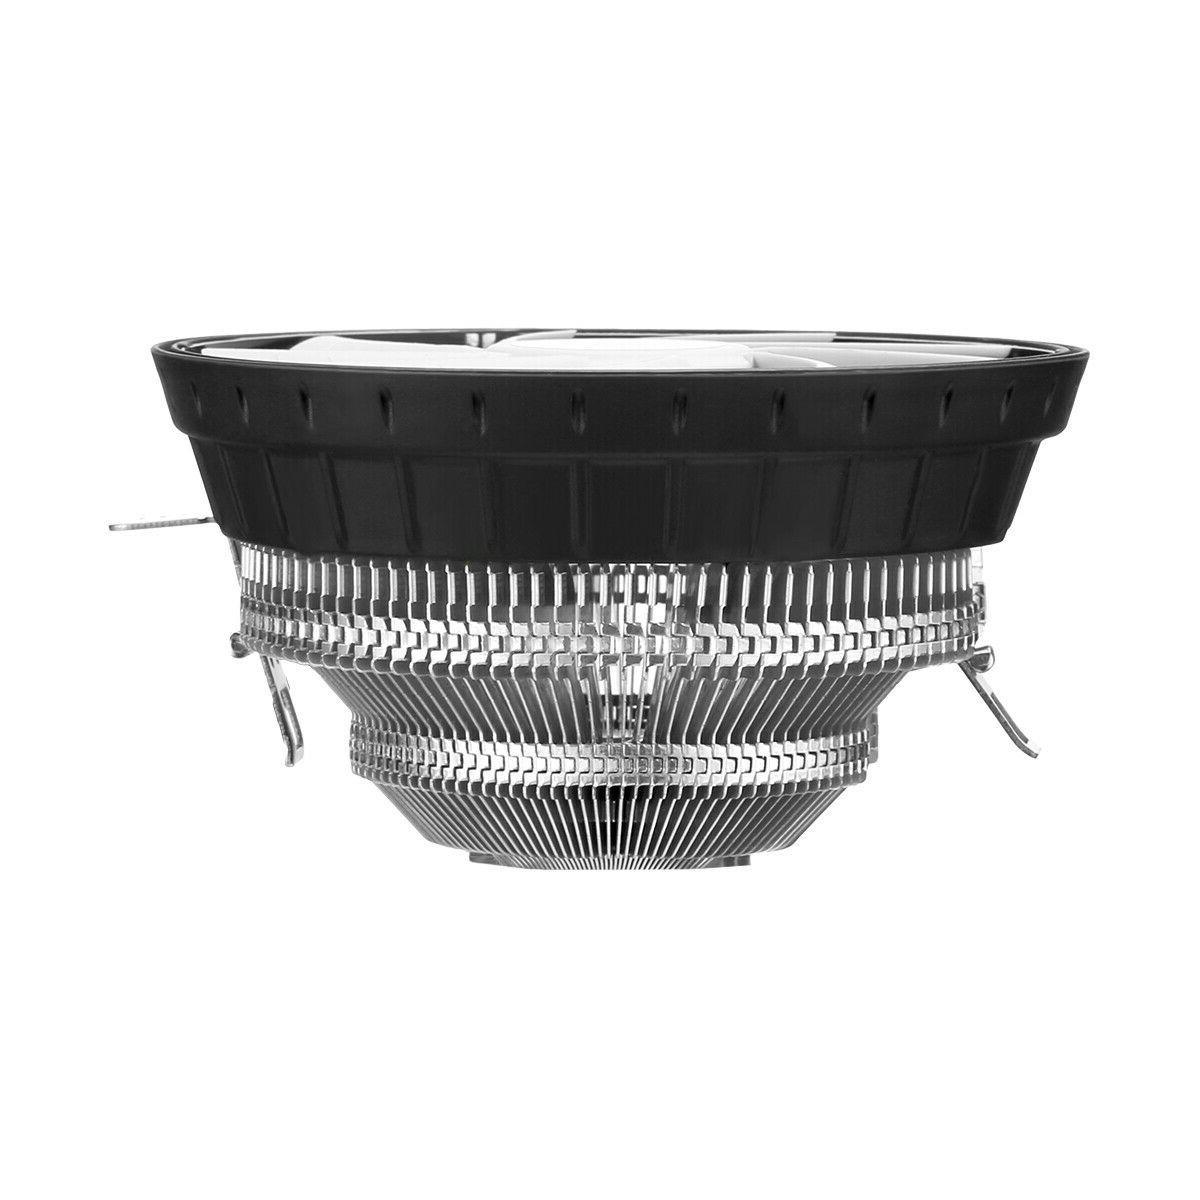 RGB Fan Heatsink For 1156/1155/1151/1150 /775 AM2+